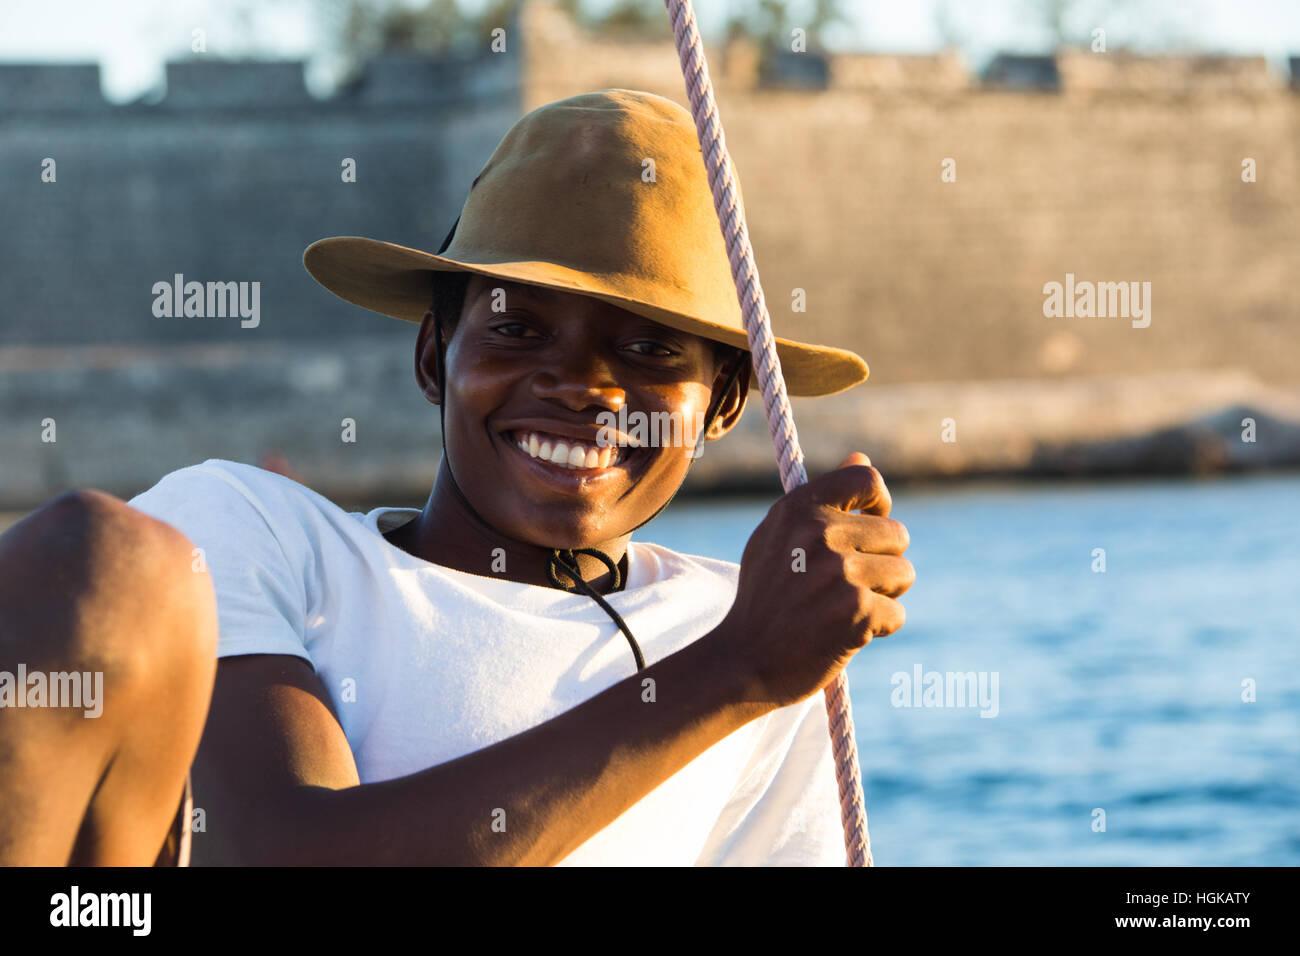 Jeune homme sur un dhow en face du fort, l'île de Mozambique (Ilha de Mocambique), Mozambique Photo Stock